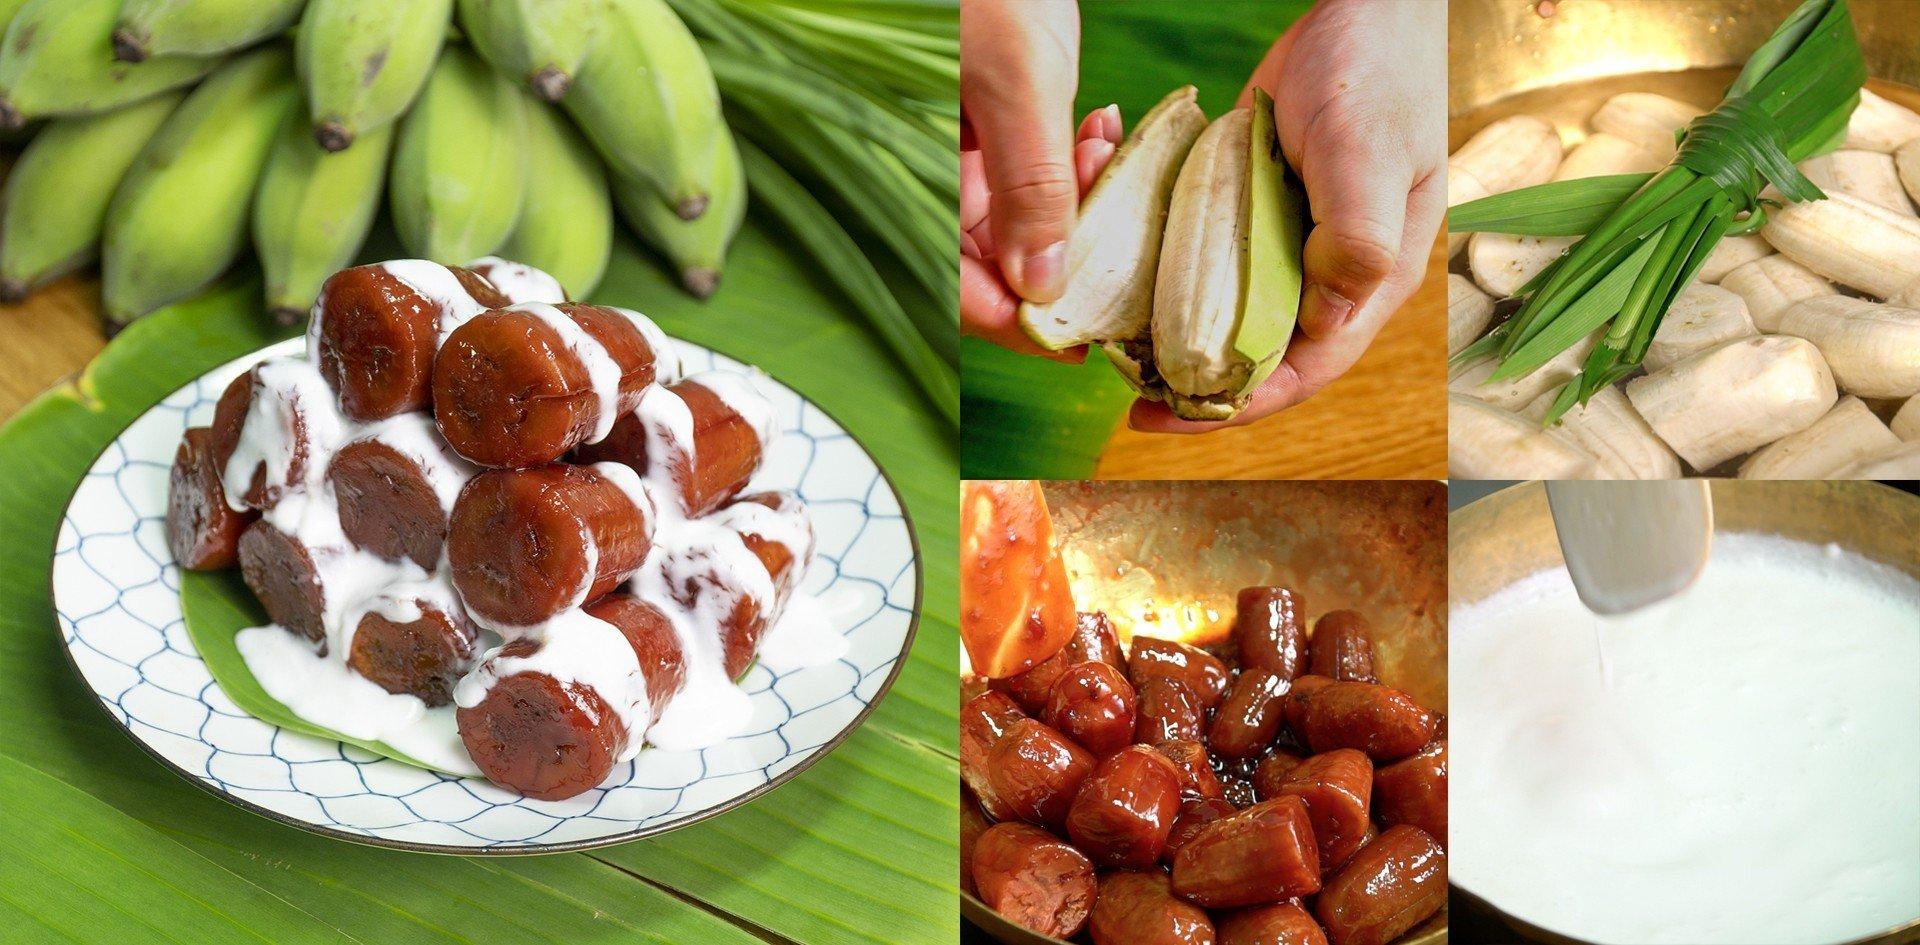 วิธีทำ กล้วยเชื่อมแดง